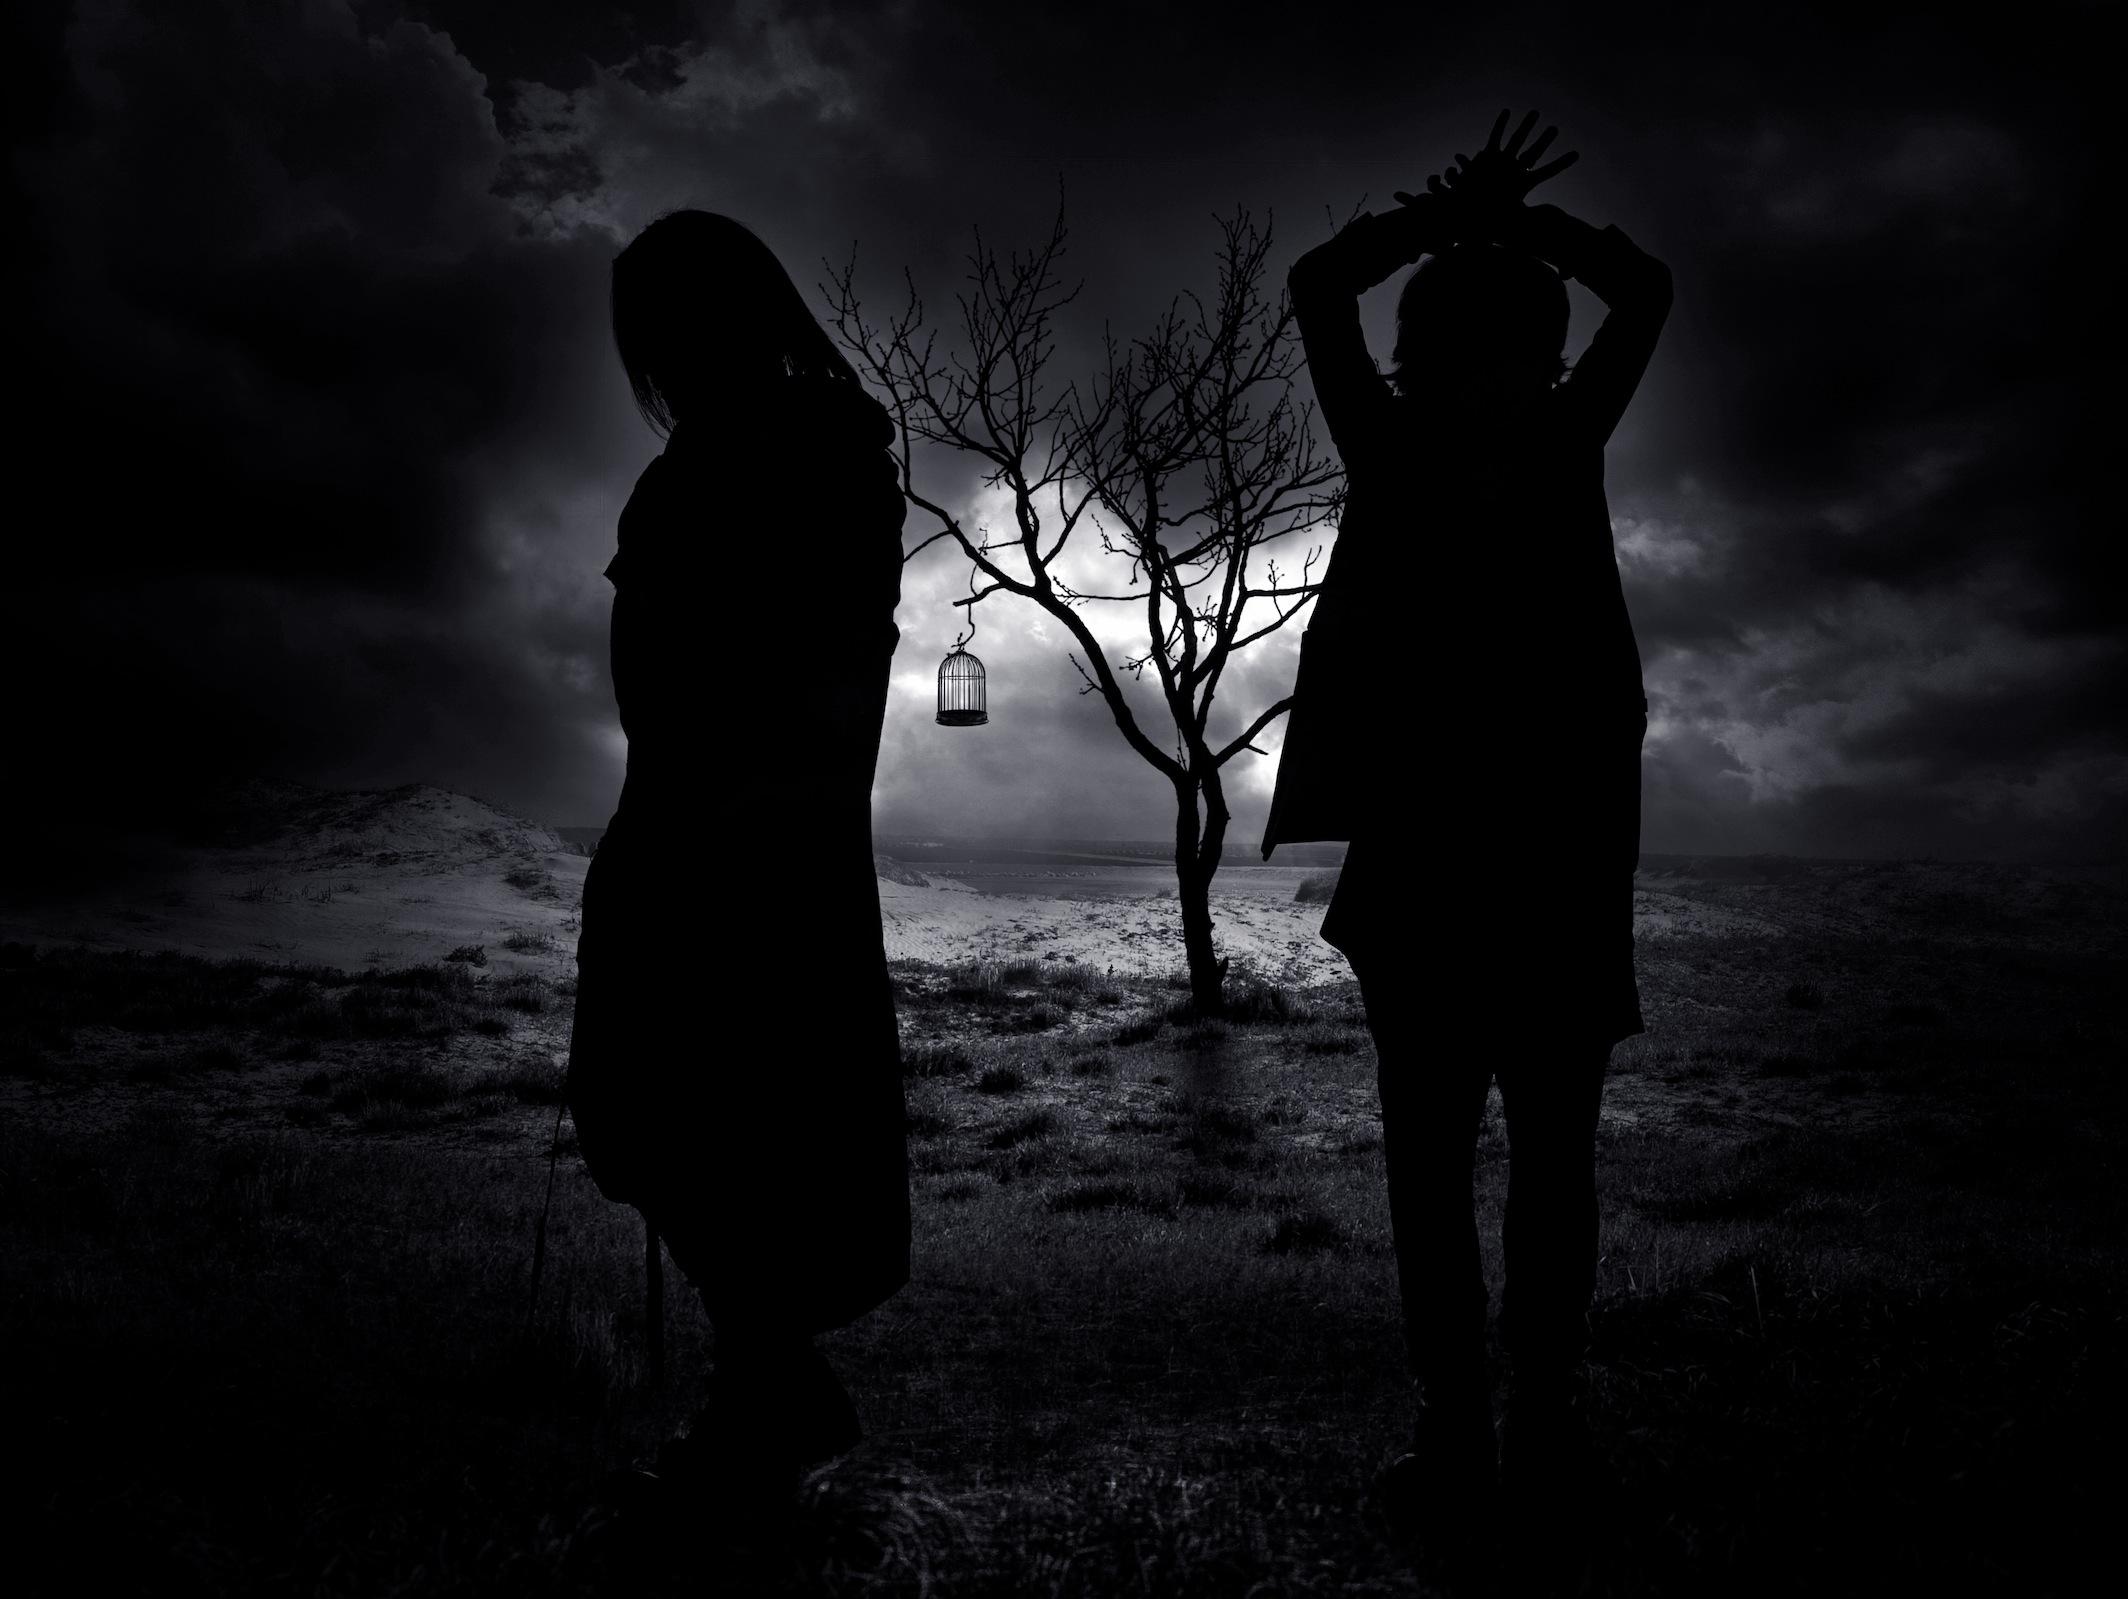 黒夢の画像 原寸画像検索